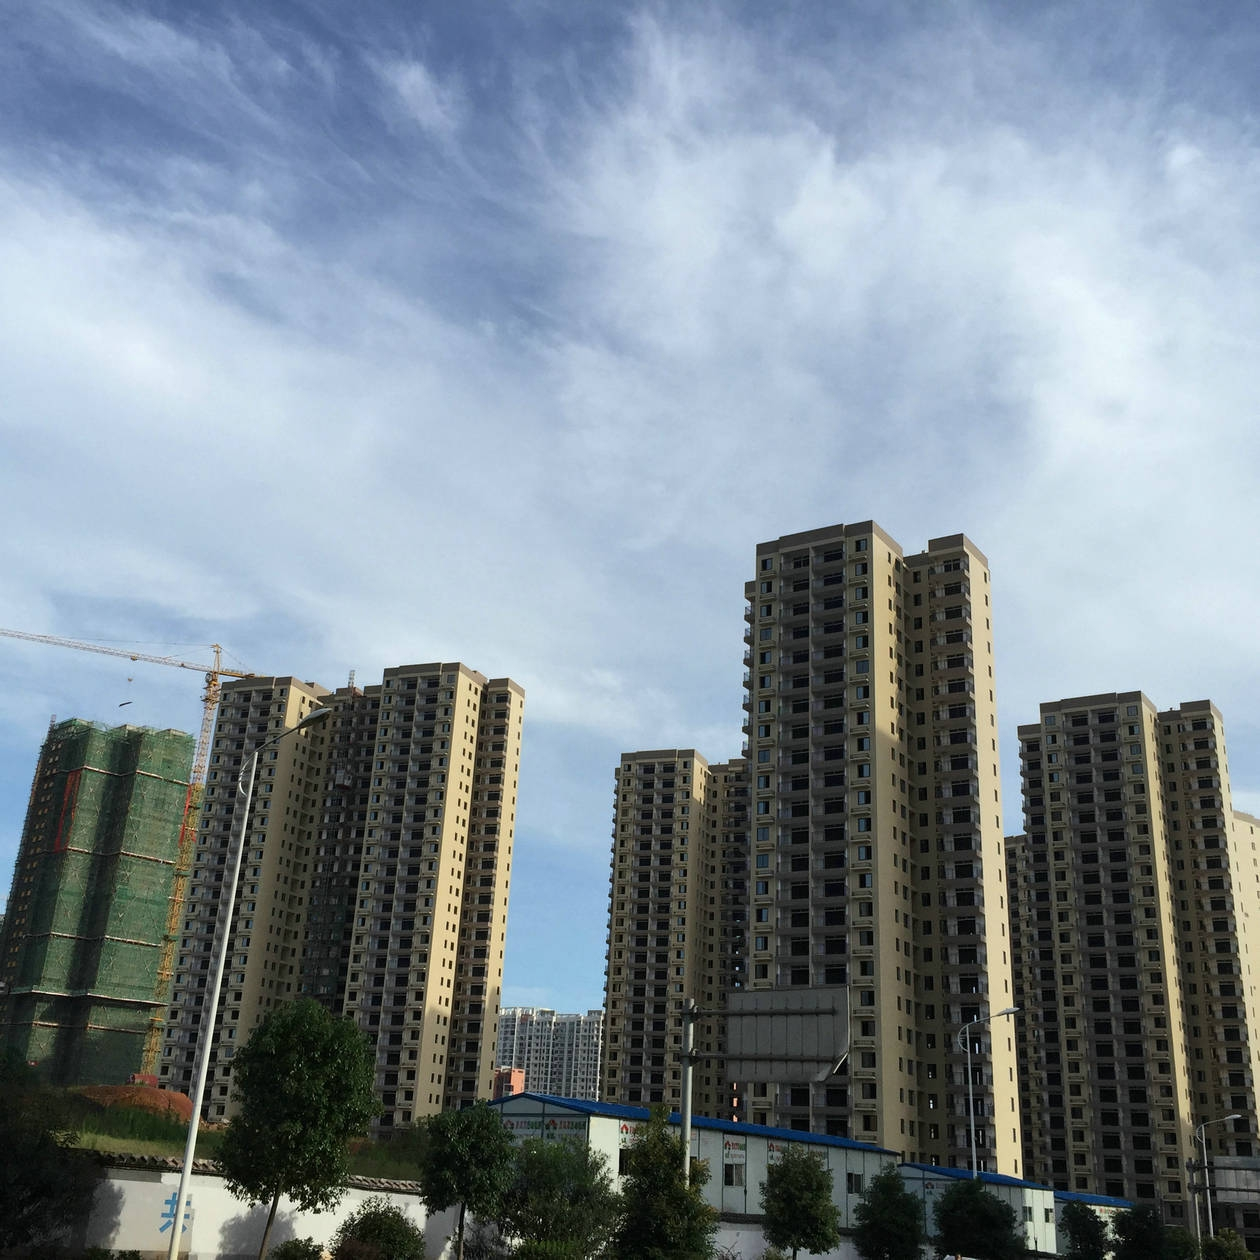 桃花苑(阳台护栏,空